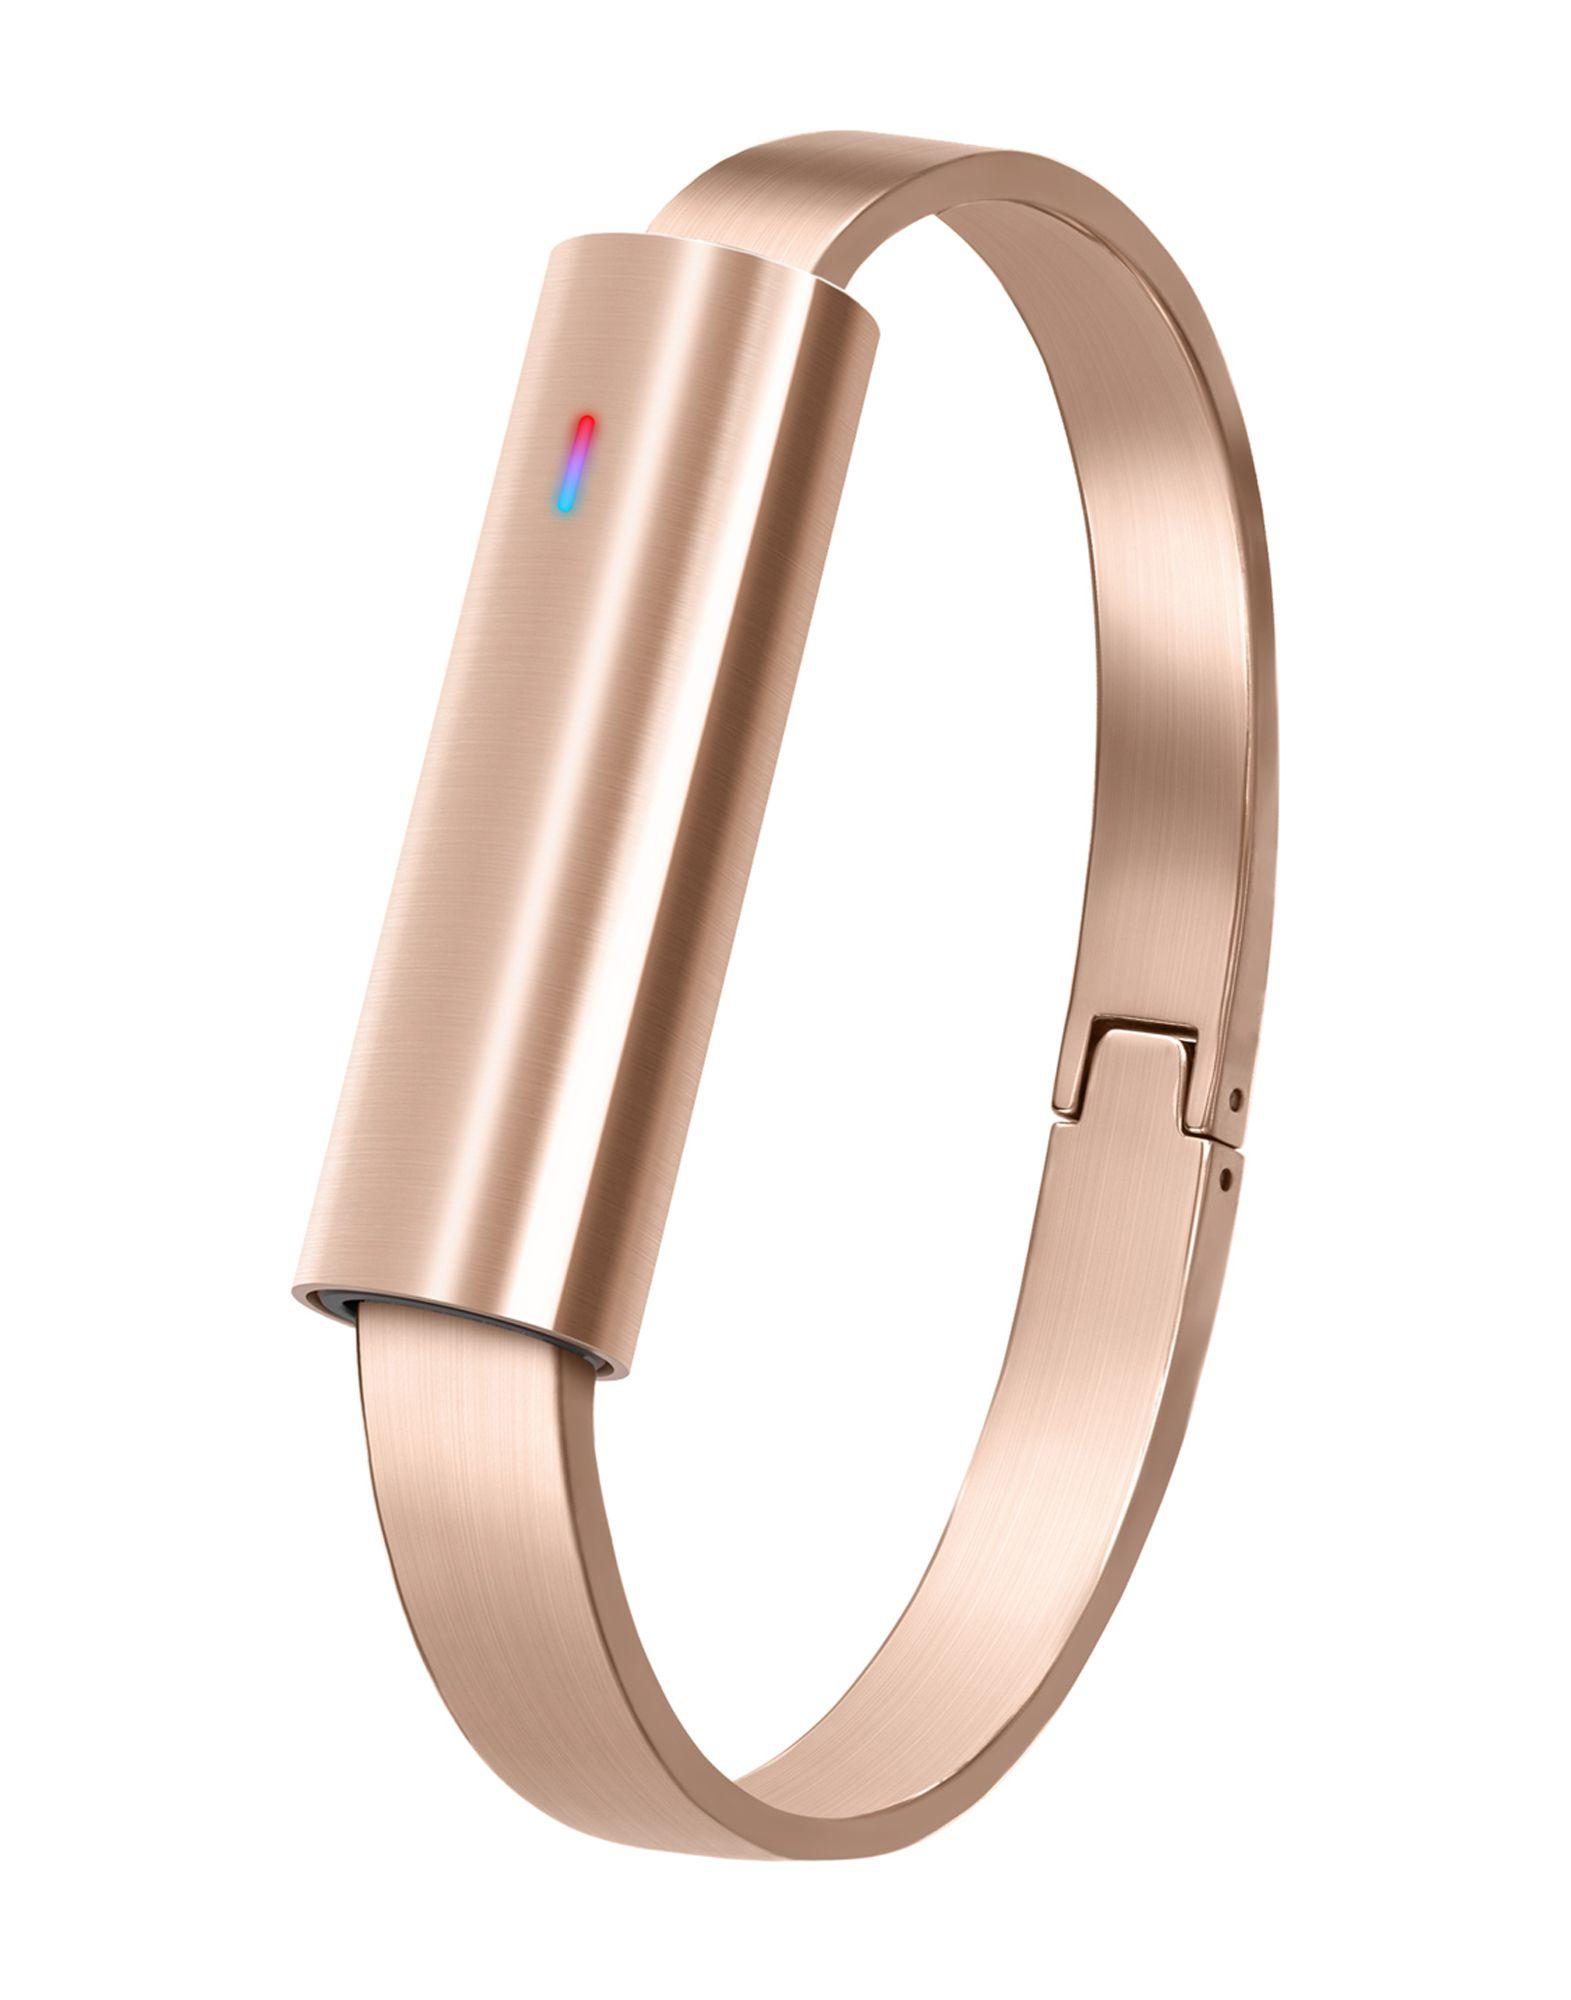 MISFIT Unisex Smartwatch Farbe Kupfer Größe 1